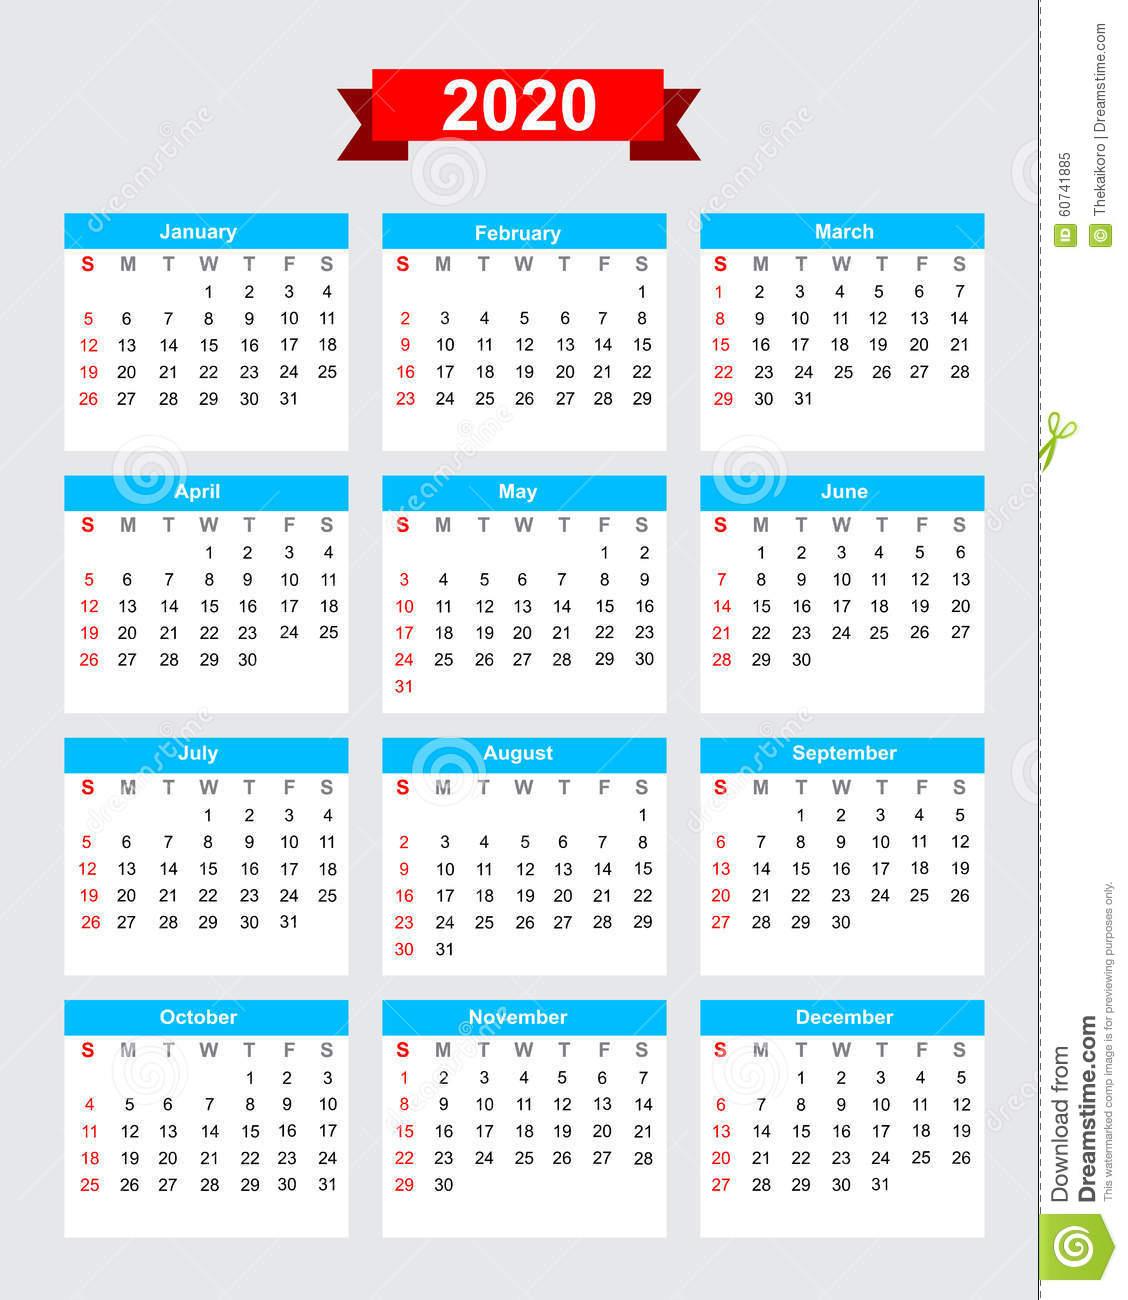 Comienzo Domingo De La Semana De Calendario 2020 Ilustración within Calendario 2020 Con Semanas